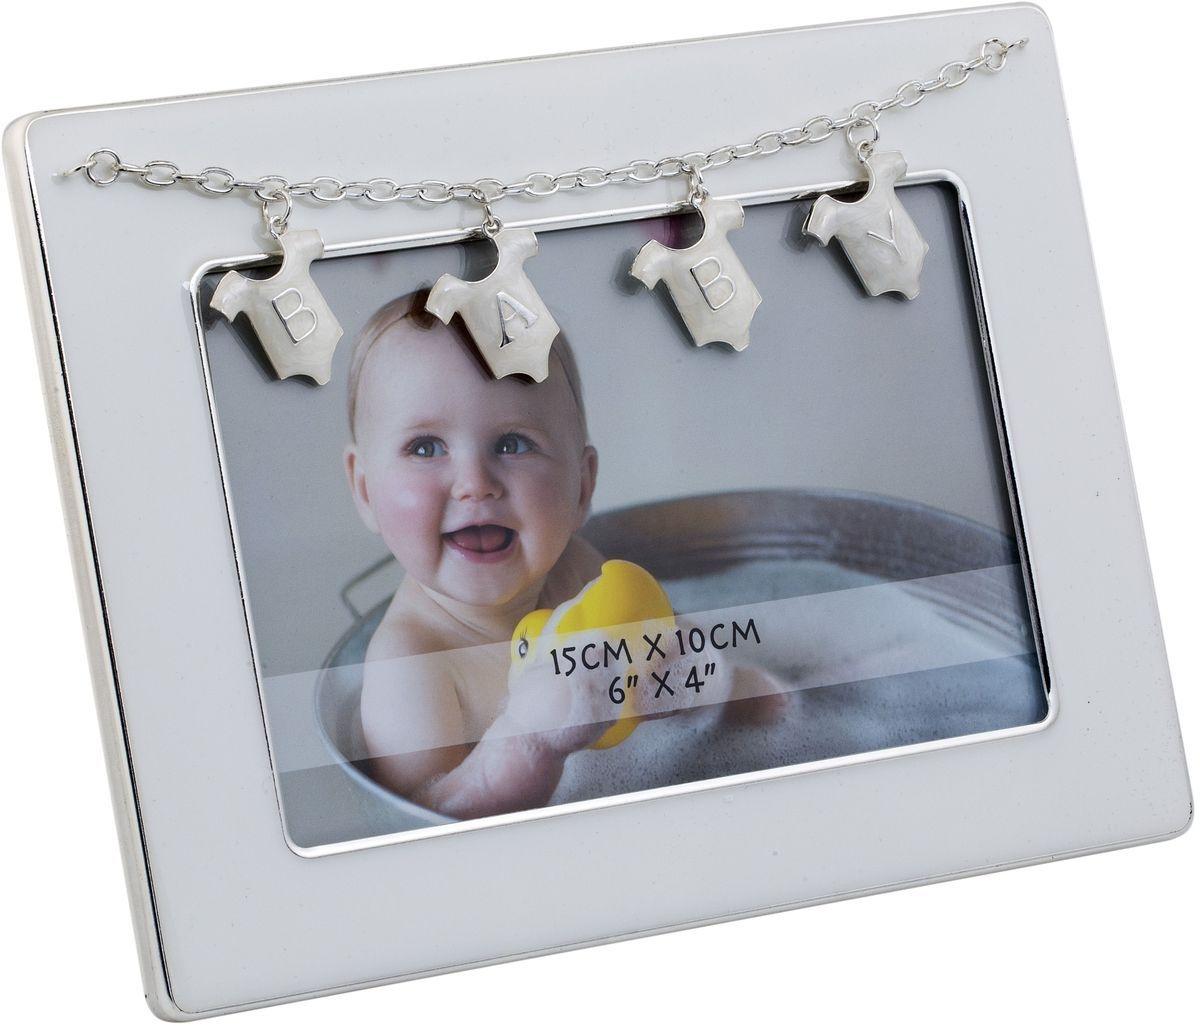 Фоторамка Platinum Baby, 10 х 15 см. PF11305NPLATINUM PF11305N WHITEДекоративная фоторамка Platinum Baby изготовлена из металла. Изделие оформлено декоративными элементами в виде подвесок на цепочке с буквами Baby. Рамка устанавливается на столе с помощью специальной ножки. Такая фоторамка позволит хранить на видном месте фотографии любимых вами людей и памятных моментов жизни, а также красиво дополнит интерьер помещения. Размер фоторамки: 18,5 х 14,5 см.